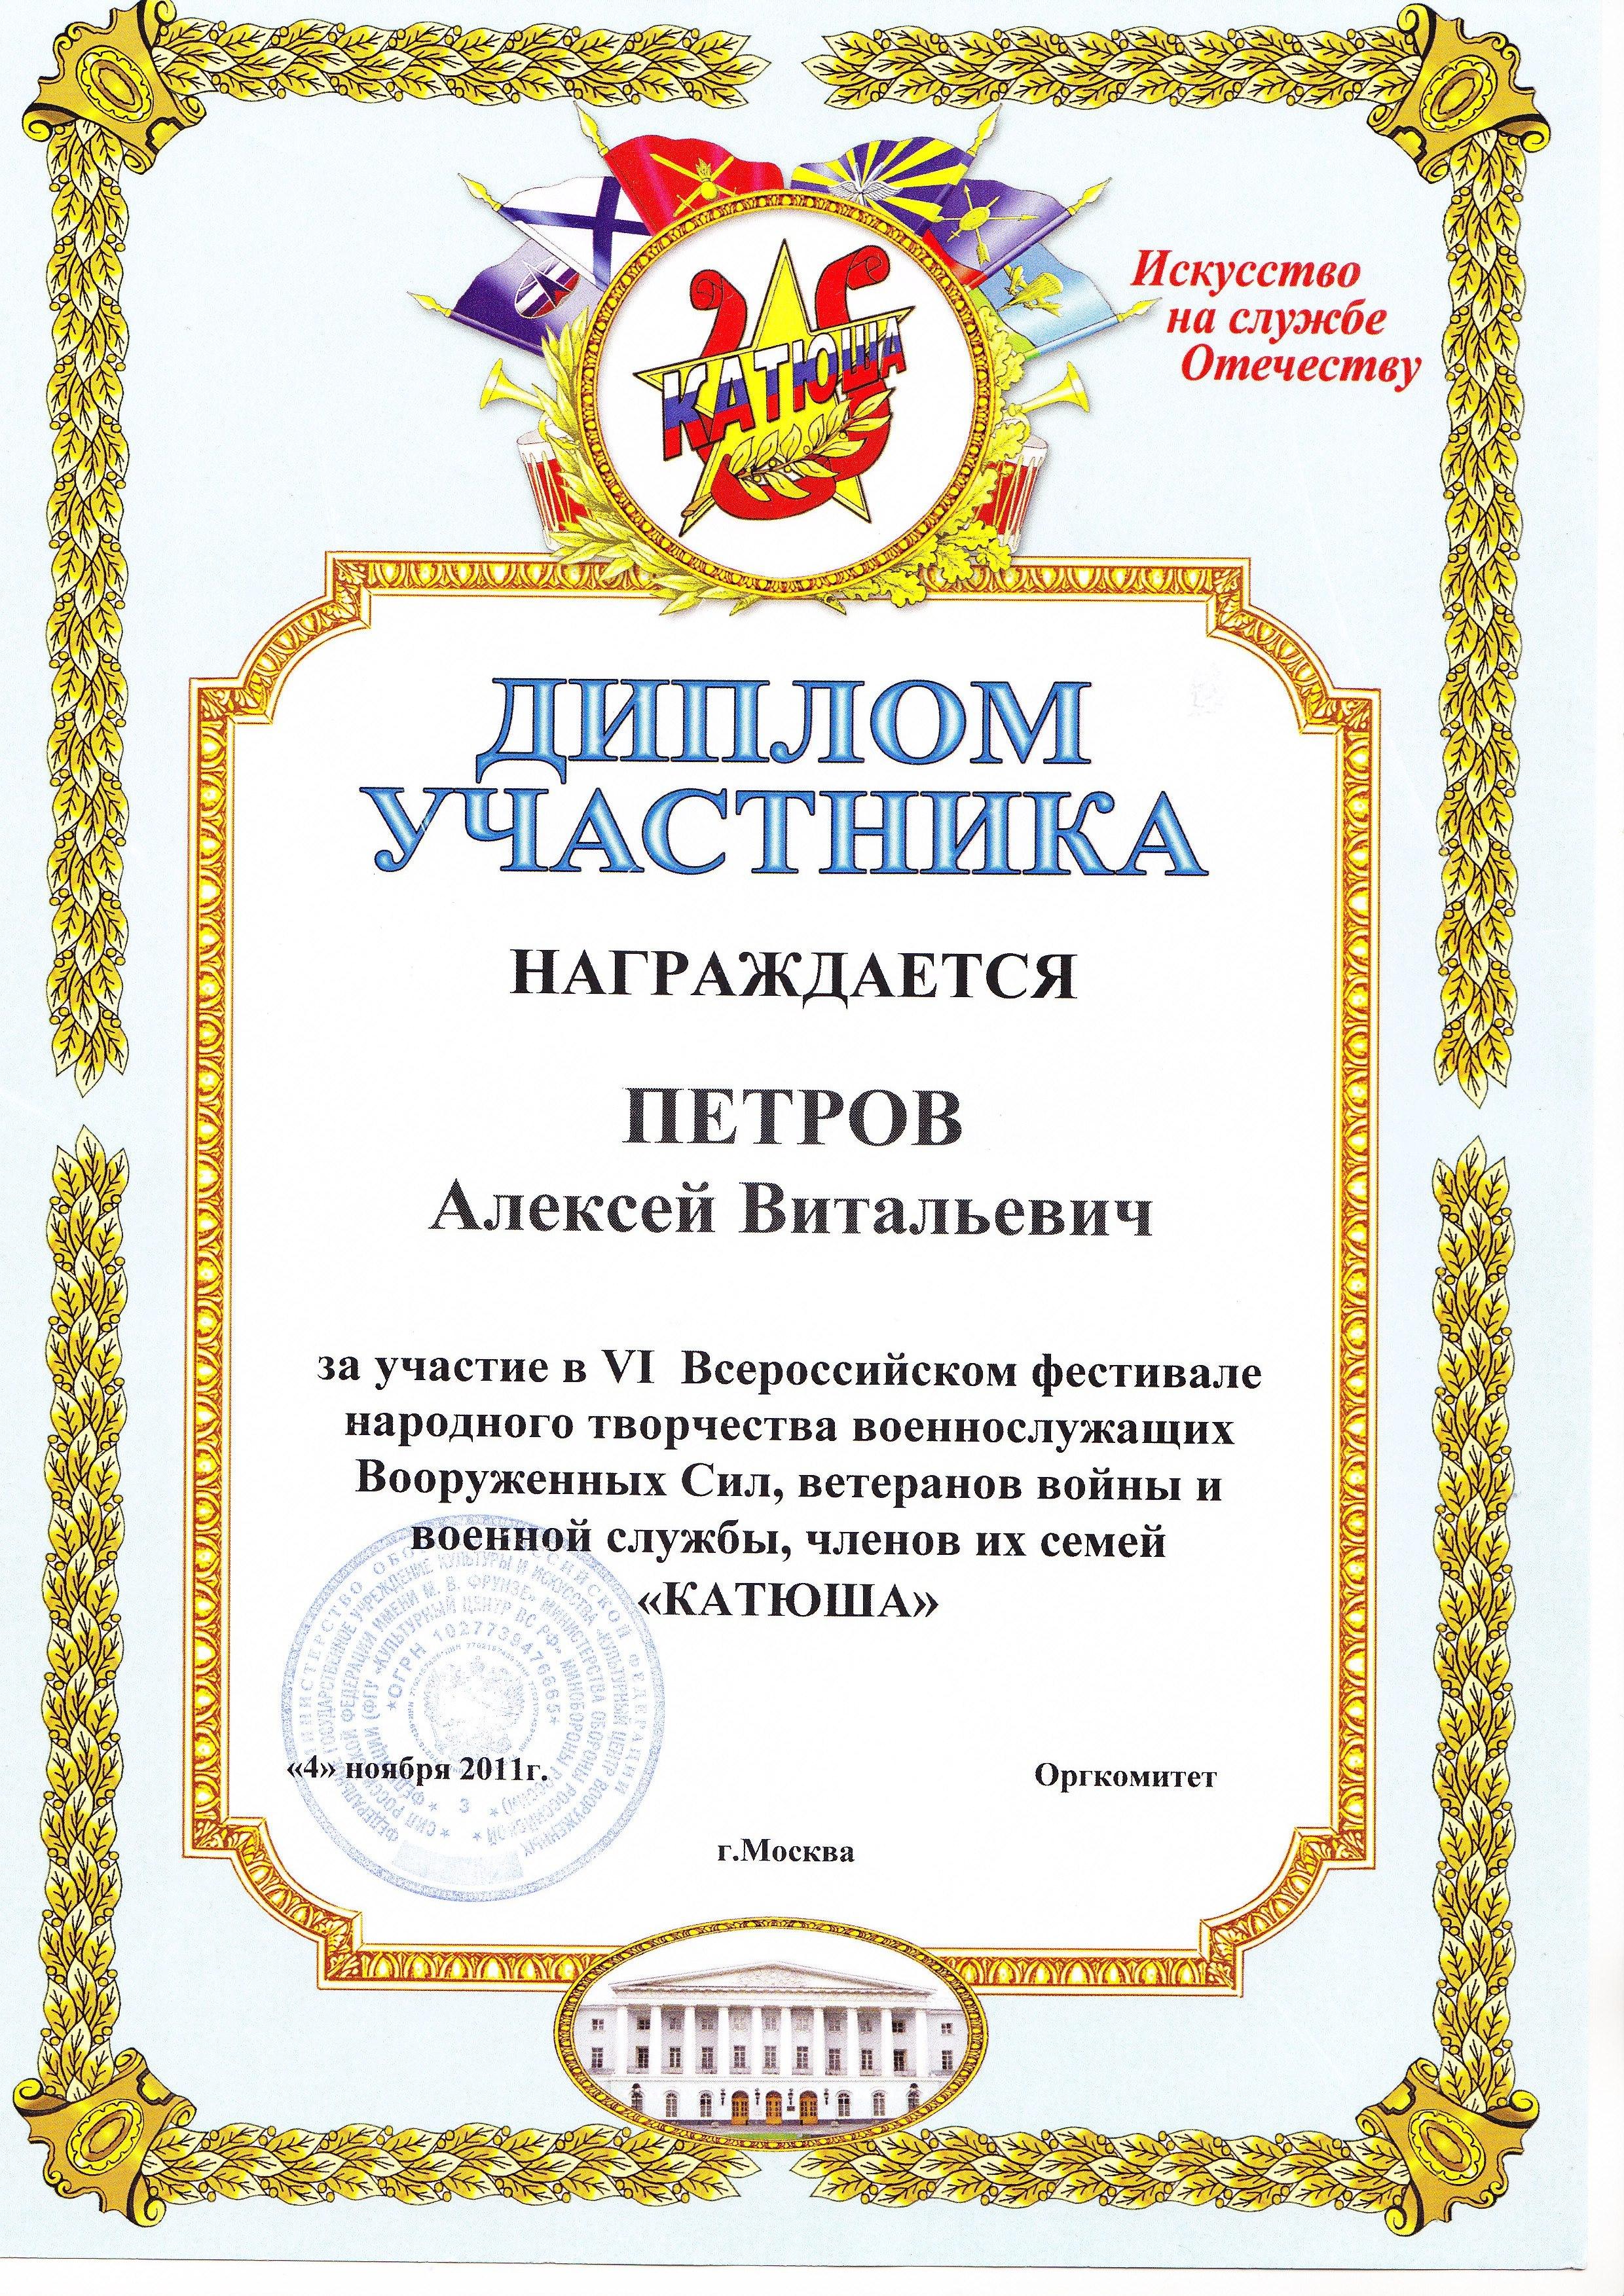 Алексей Петров. награды. 5.jpg